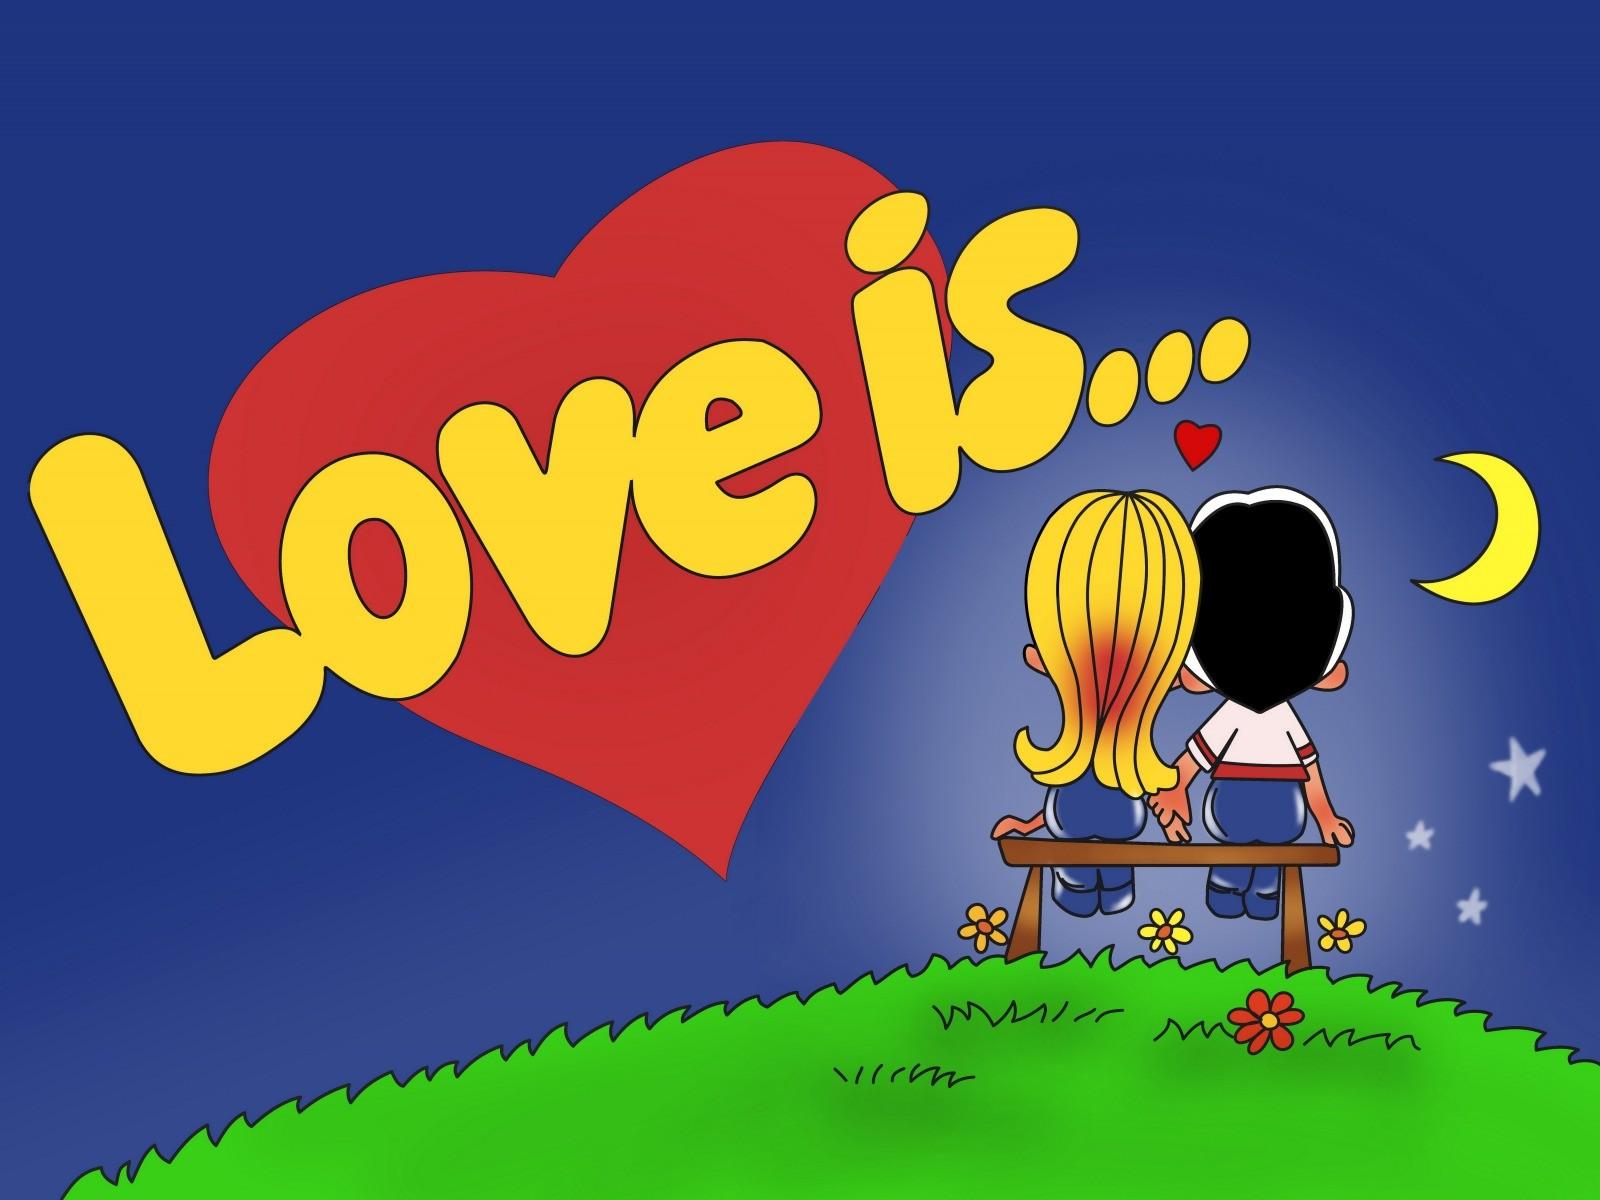 Обертка от жвачки Love is...